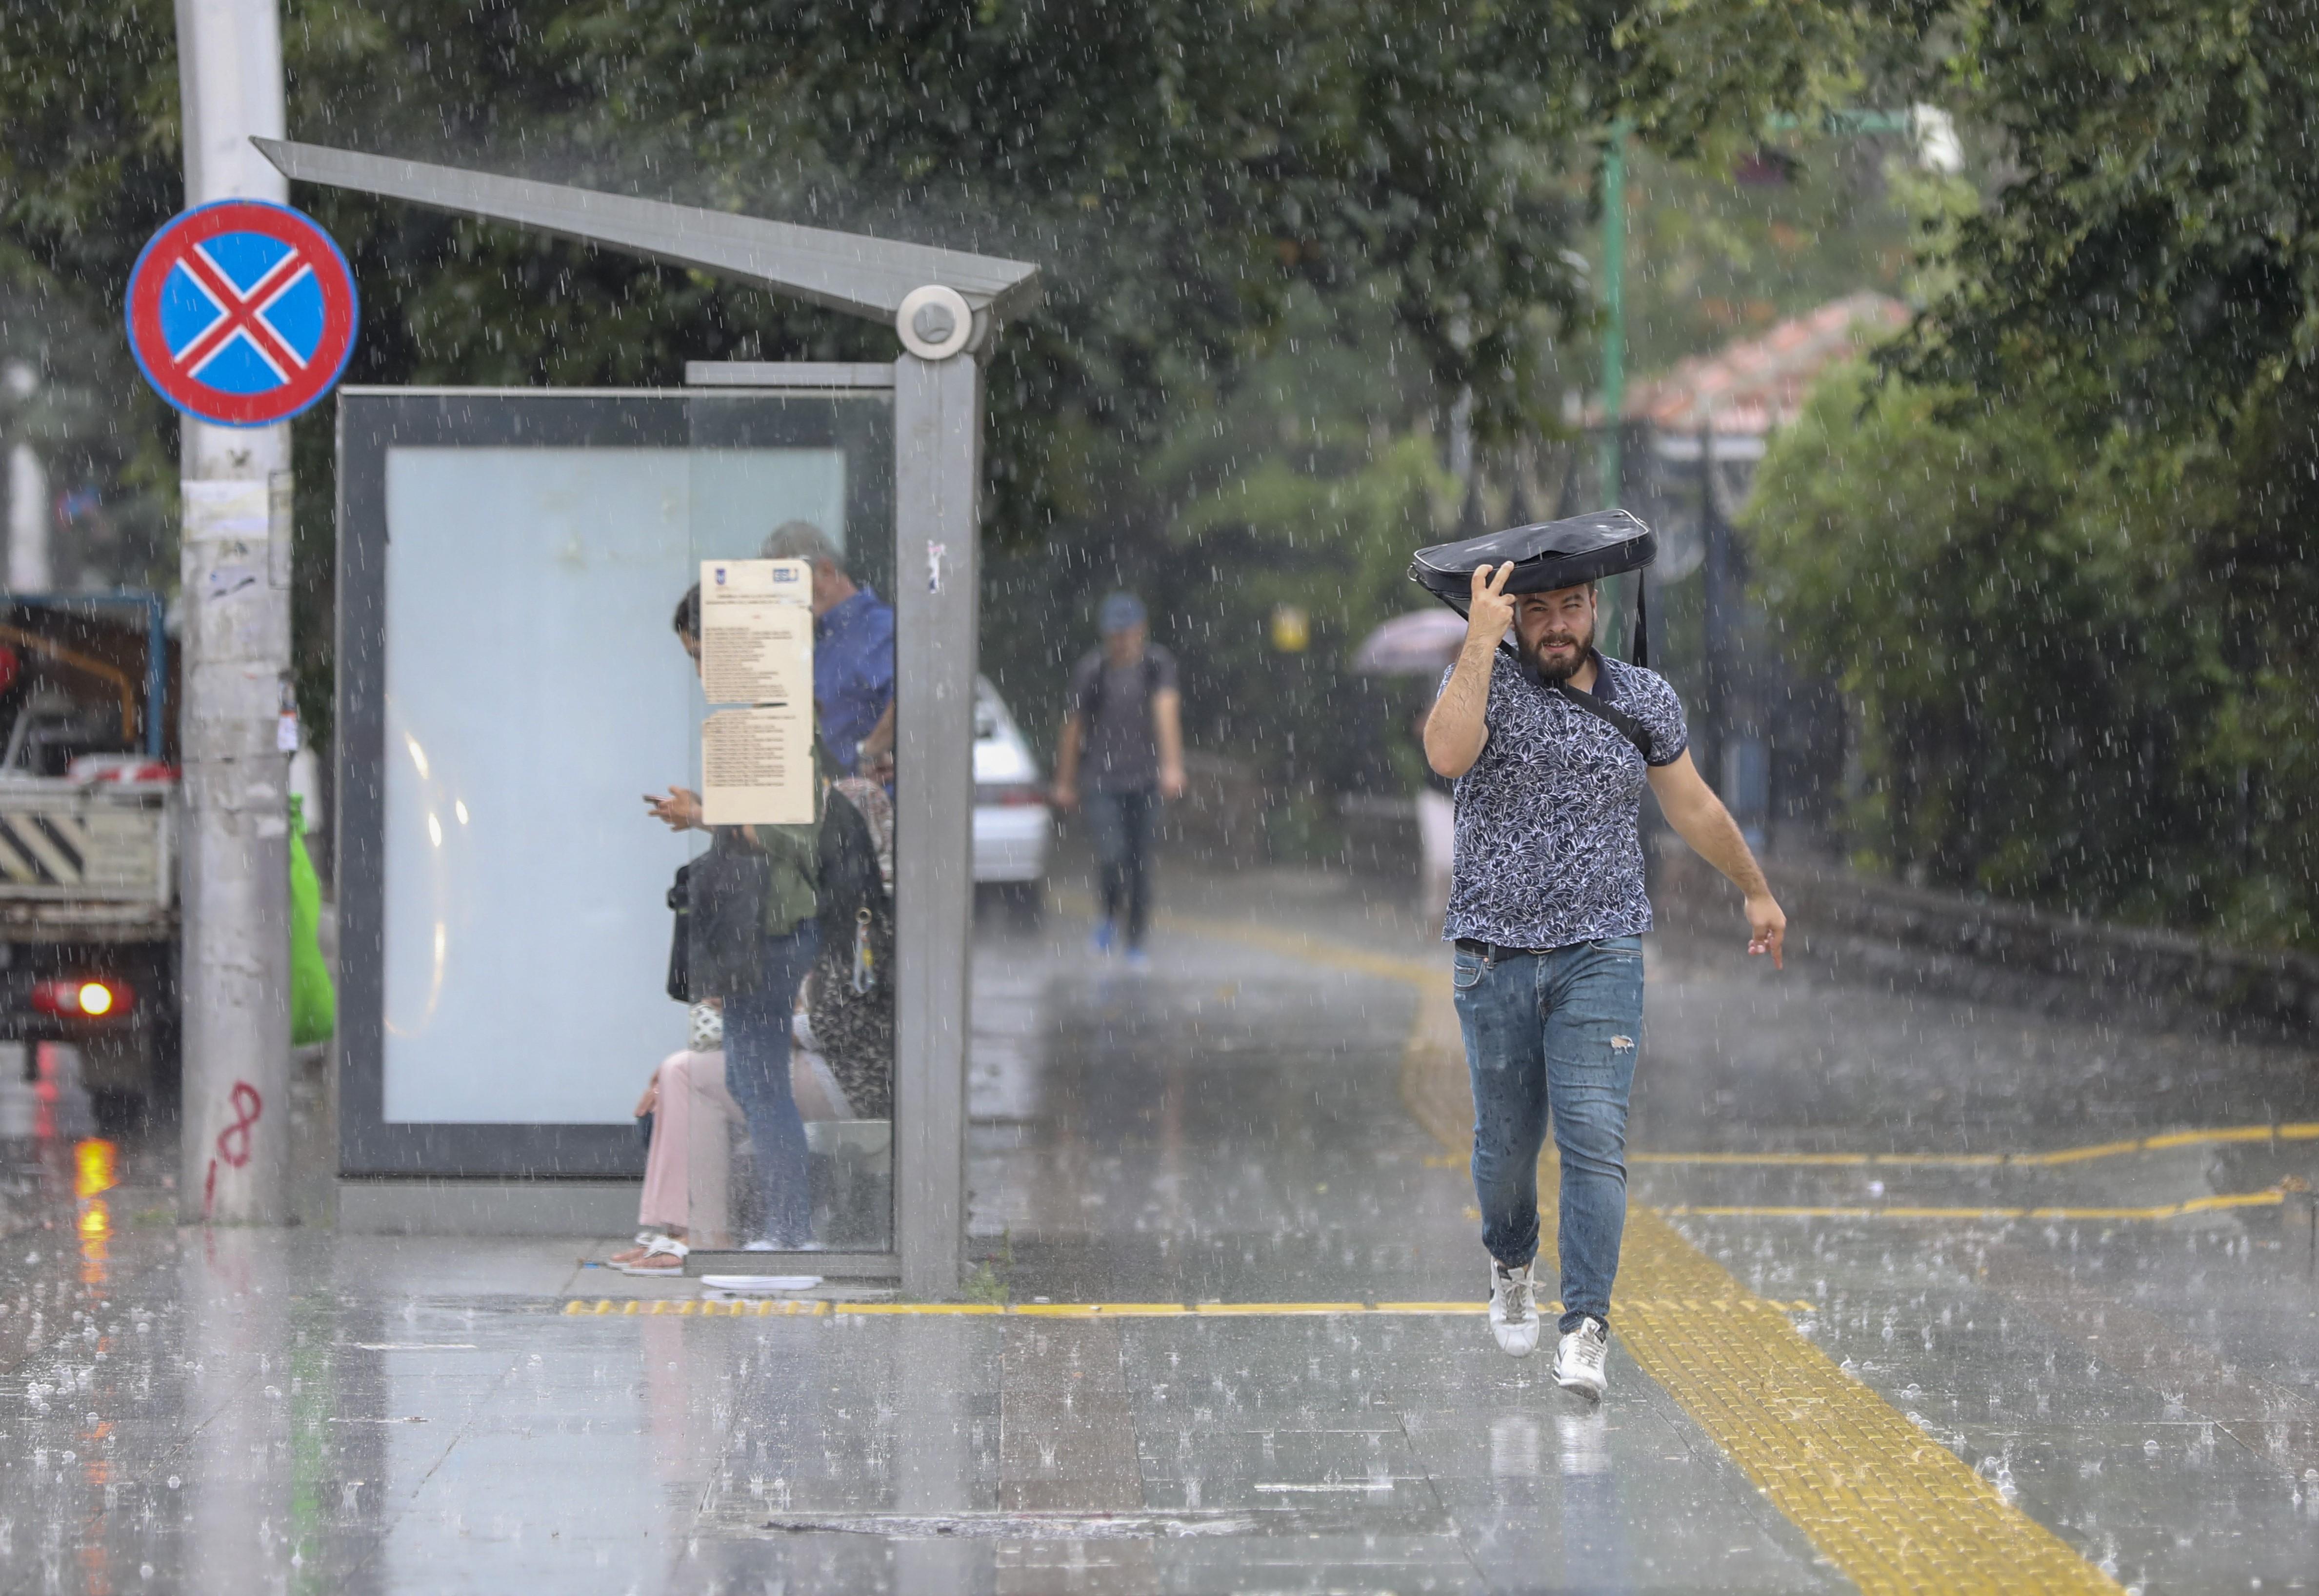 Meteo #azi 10 iunie: Săptămâna debutează cu averse/ Regiunile în care sunt aşteptate descărcări electrice şi grindină